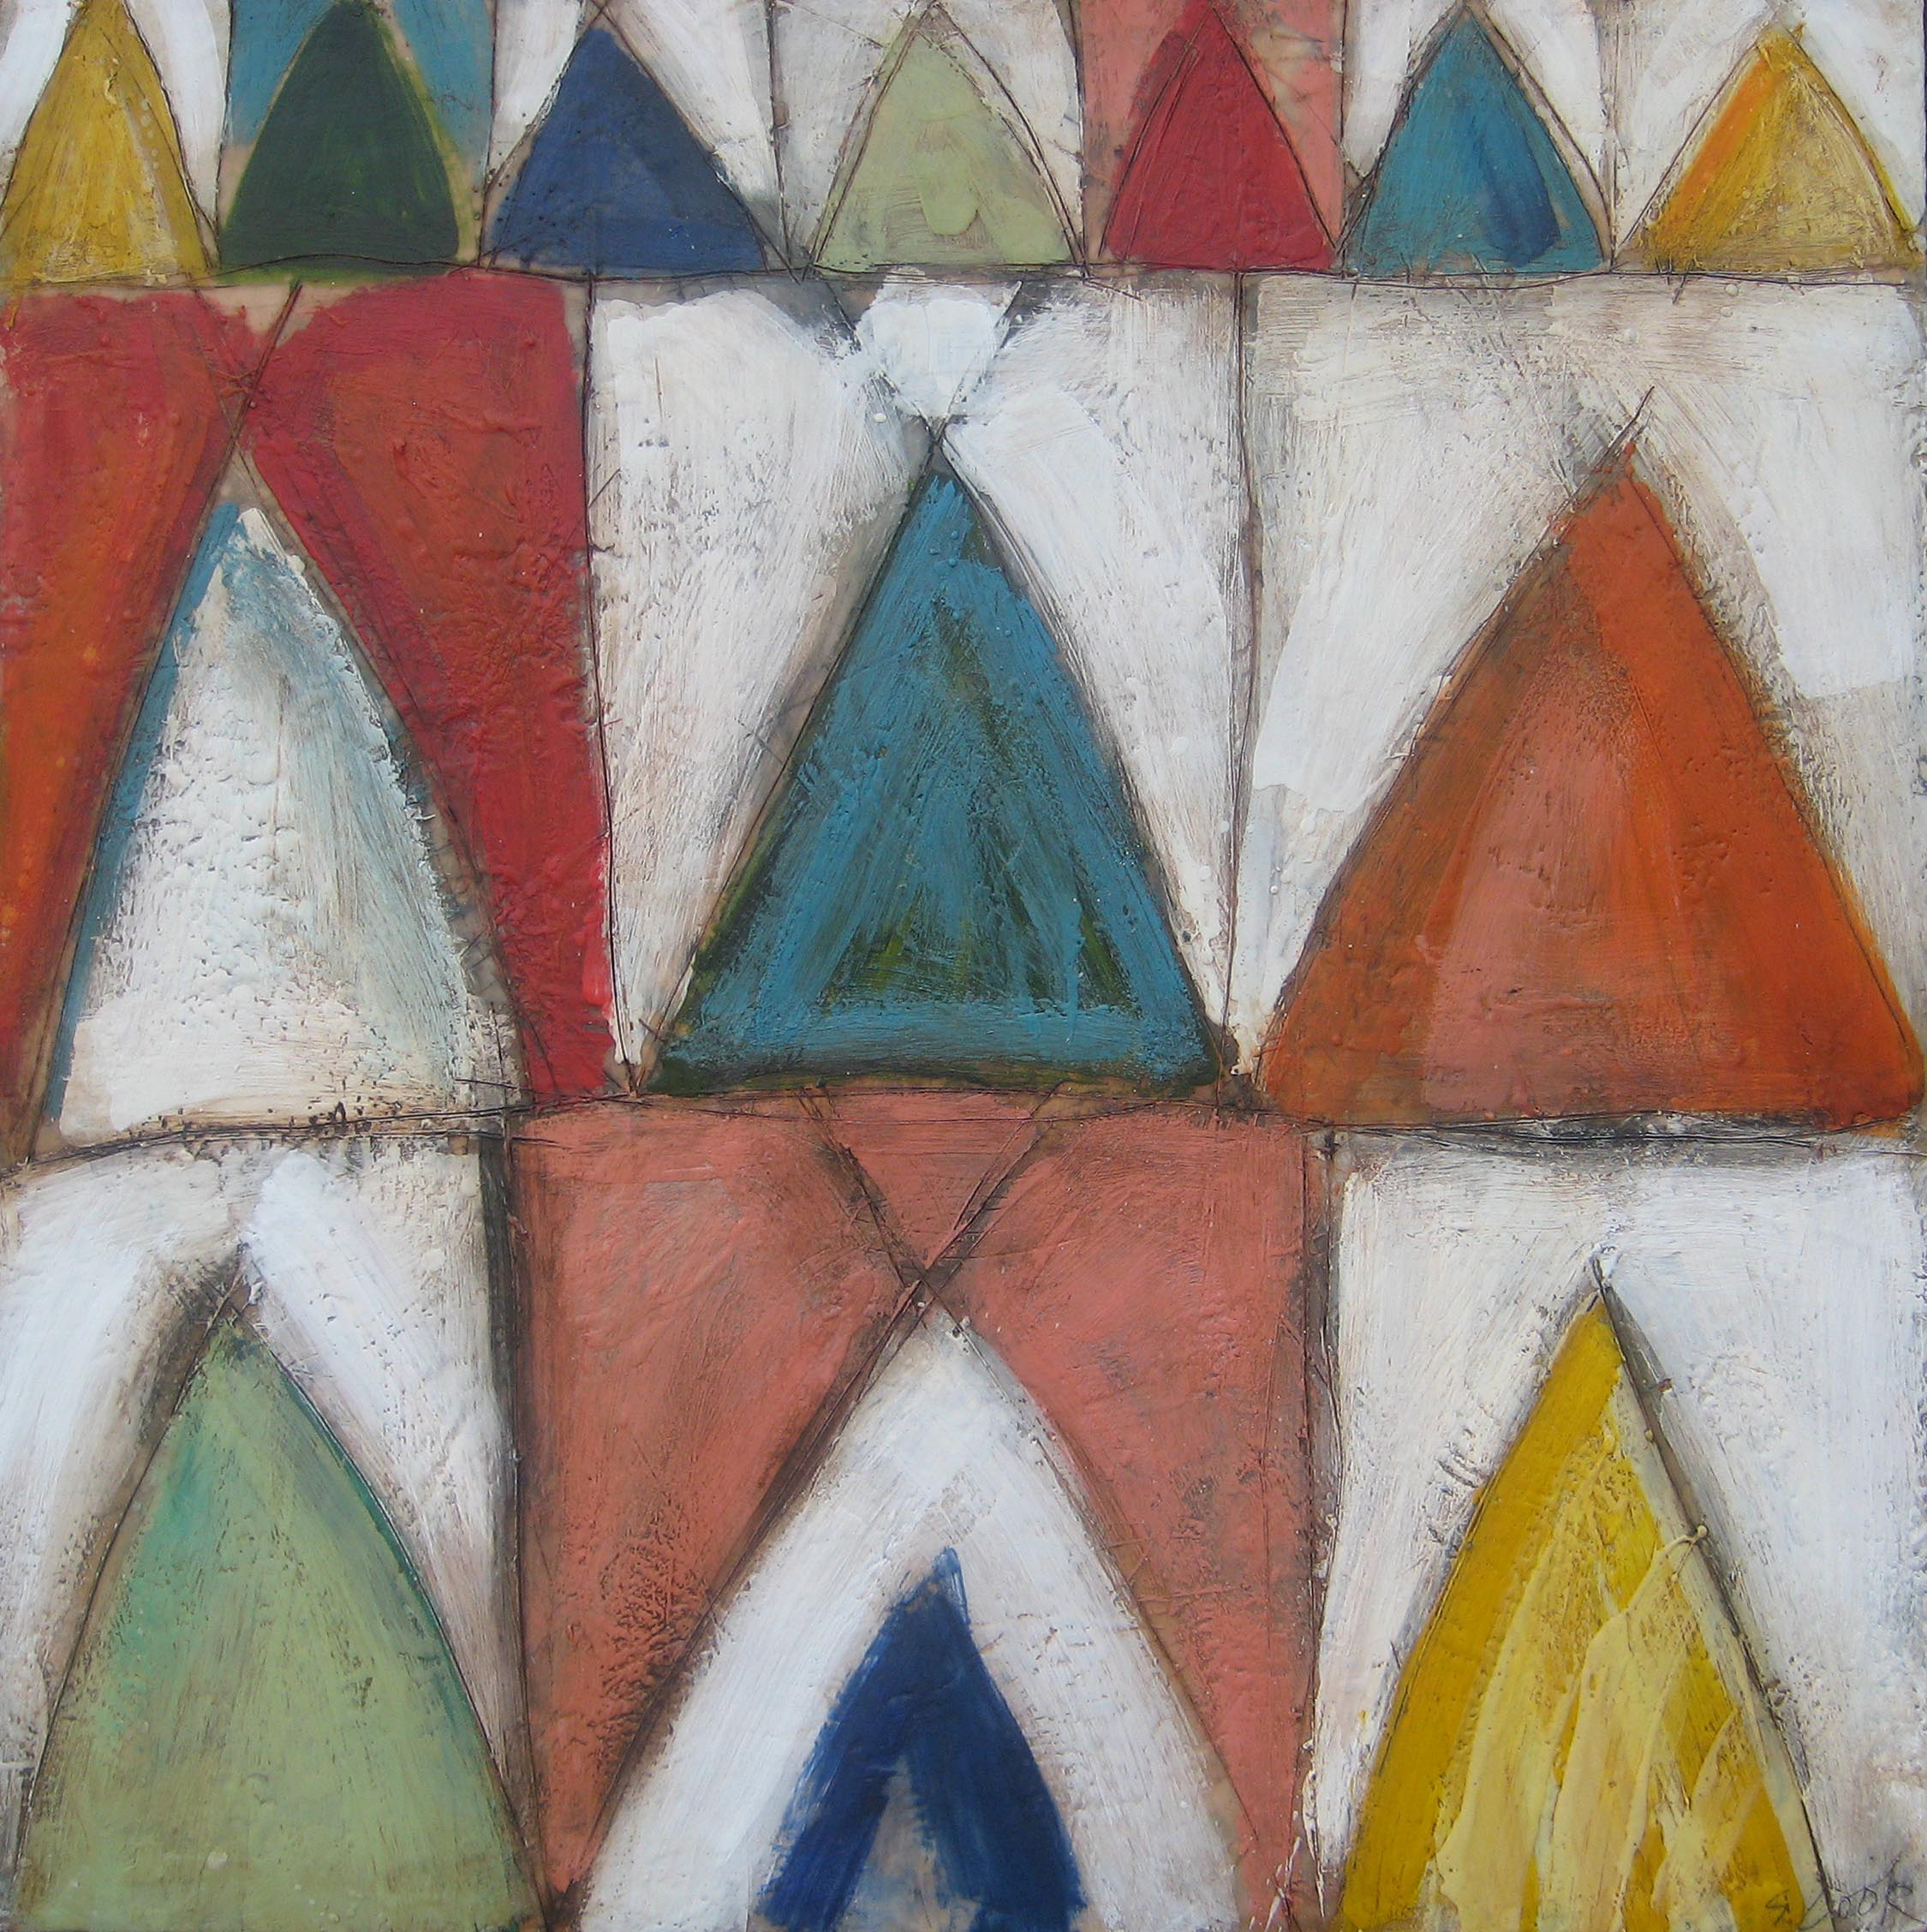 Triangle Dwellings 48x48